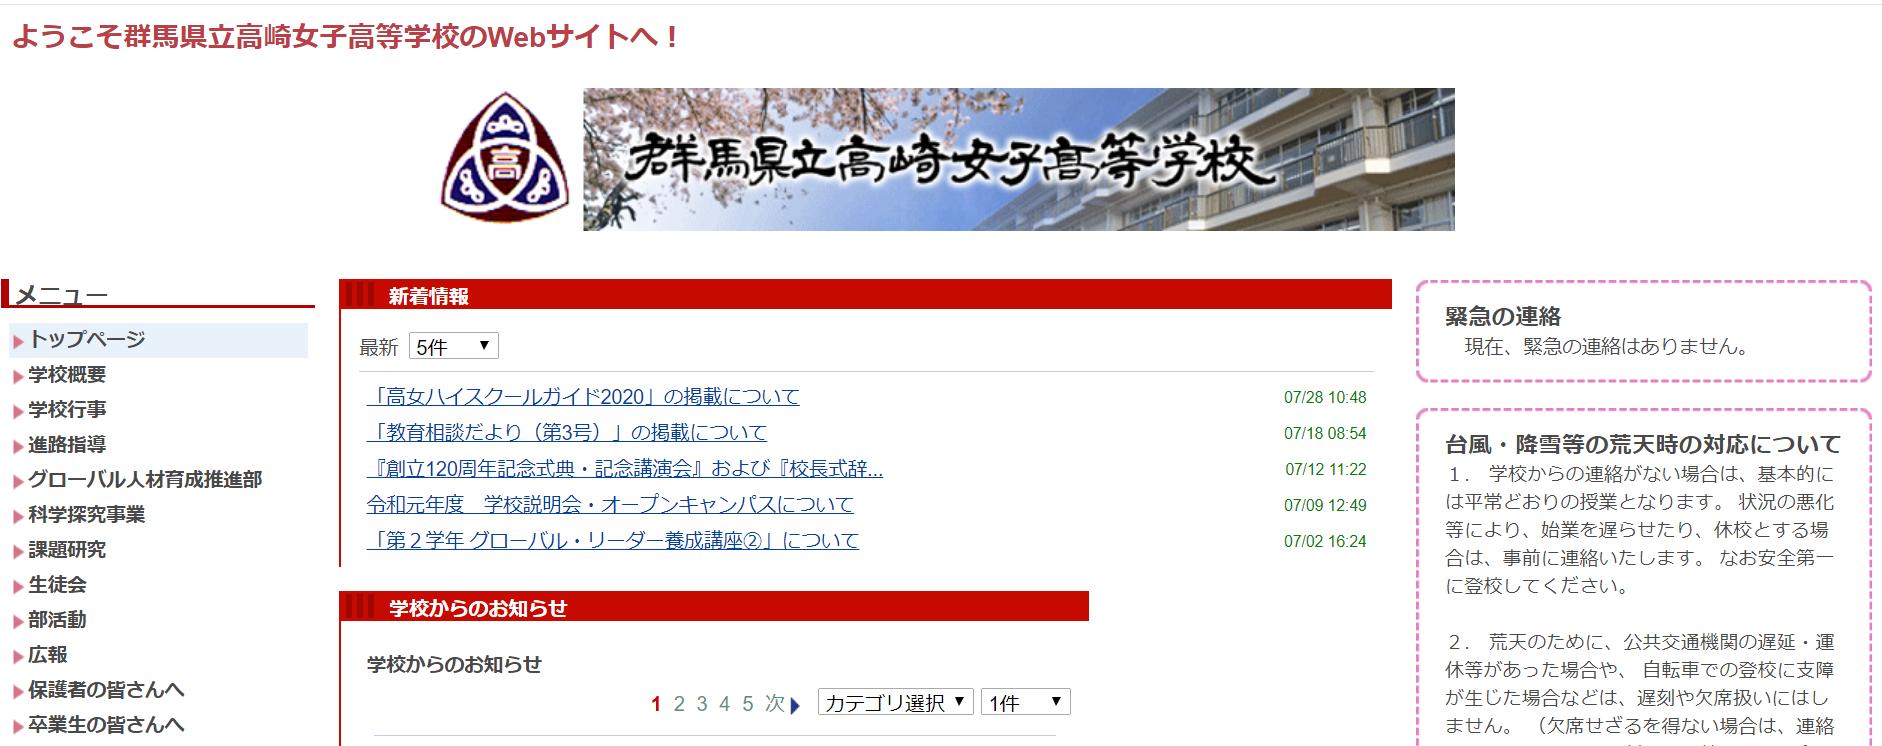 高崎女子高校の口コミ・評判